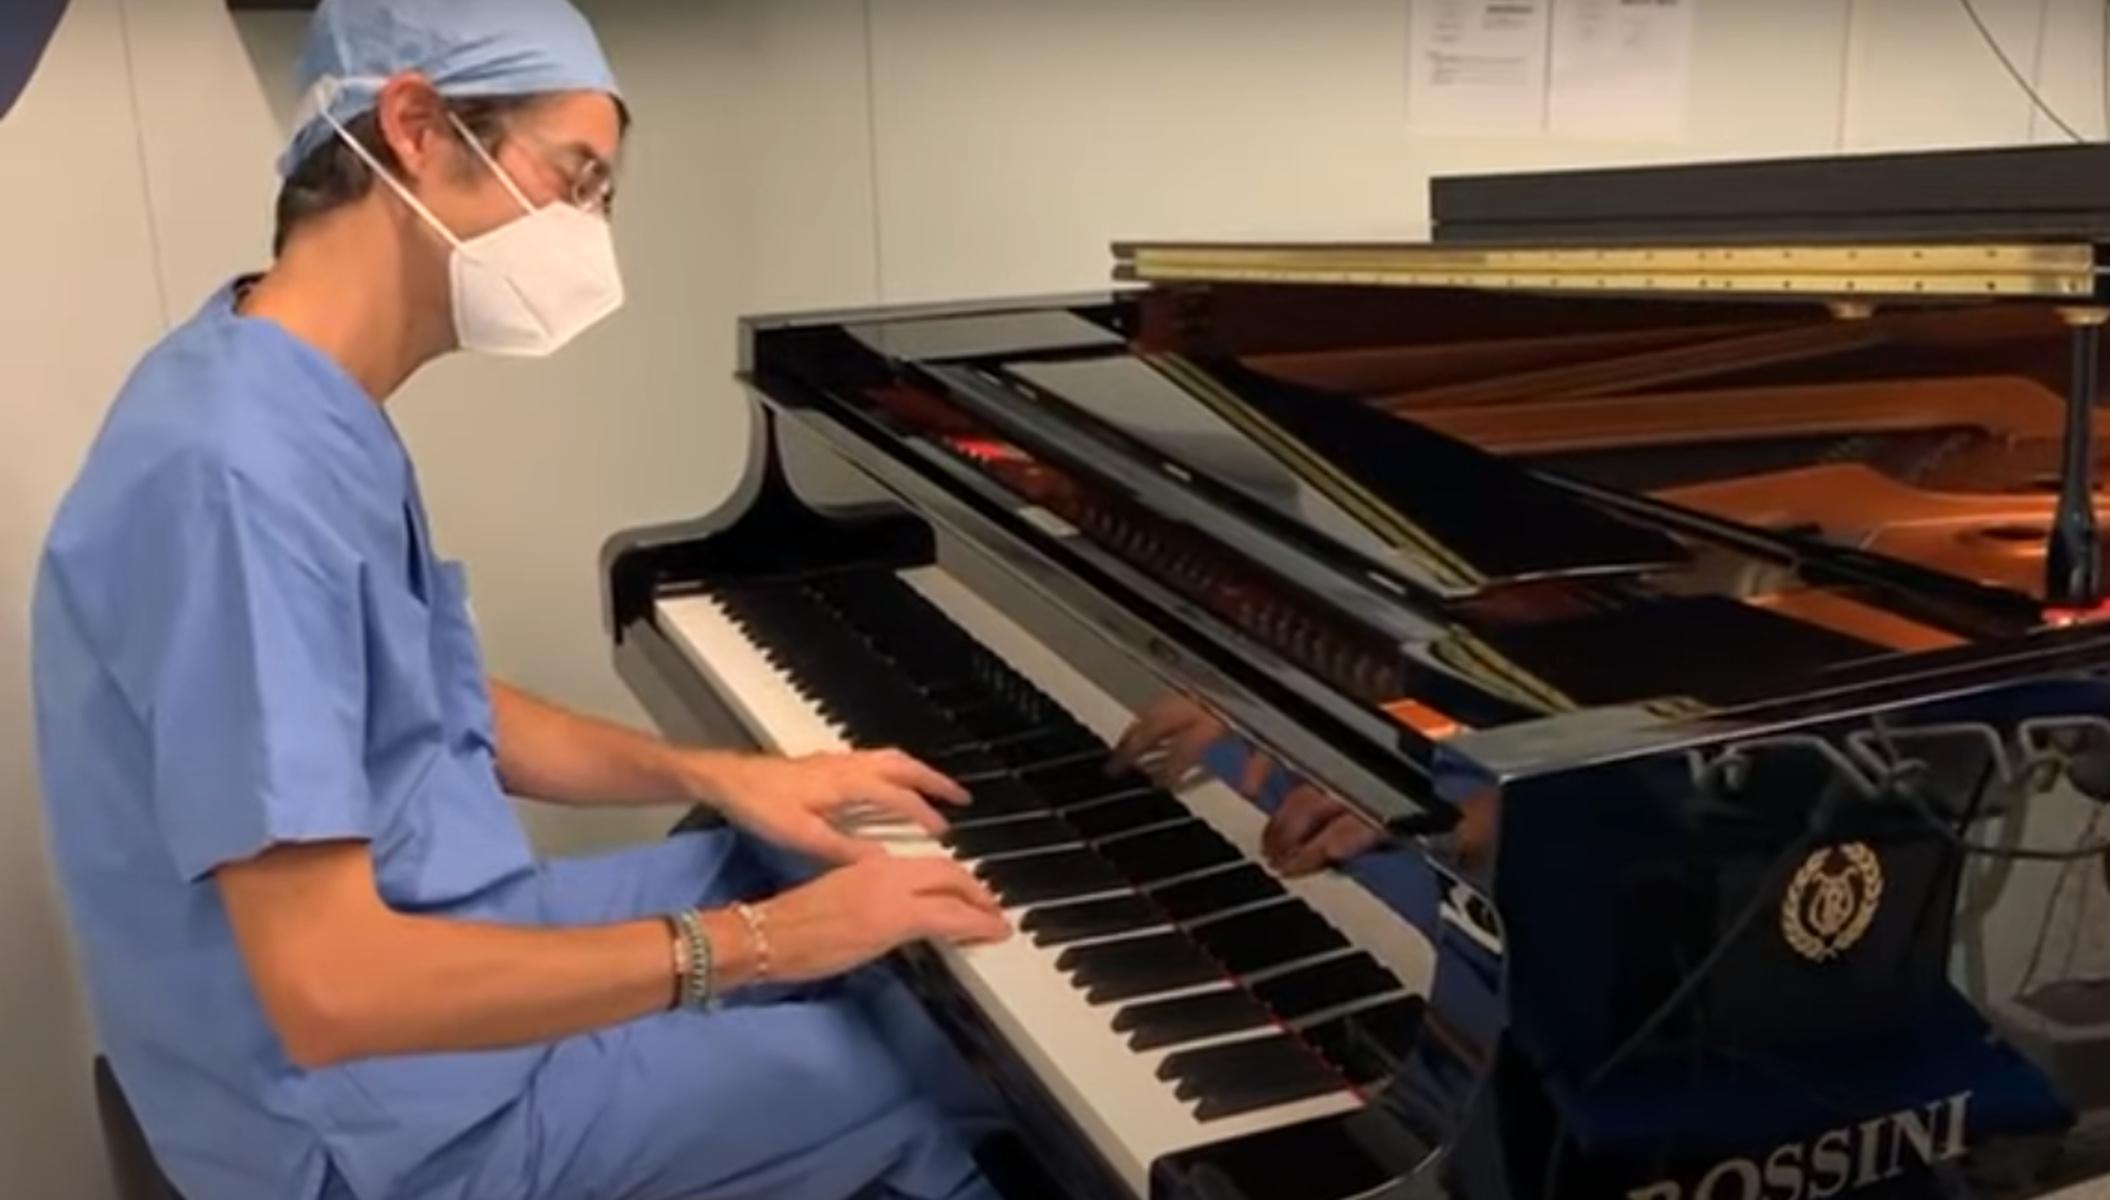 Ιταλία: Γιατρός έπαιζε πιάνο δίπλα σε 10χρονο ασθενή